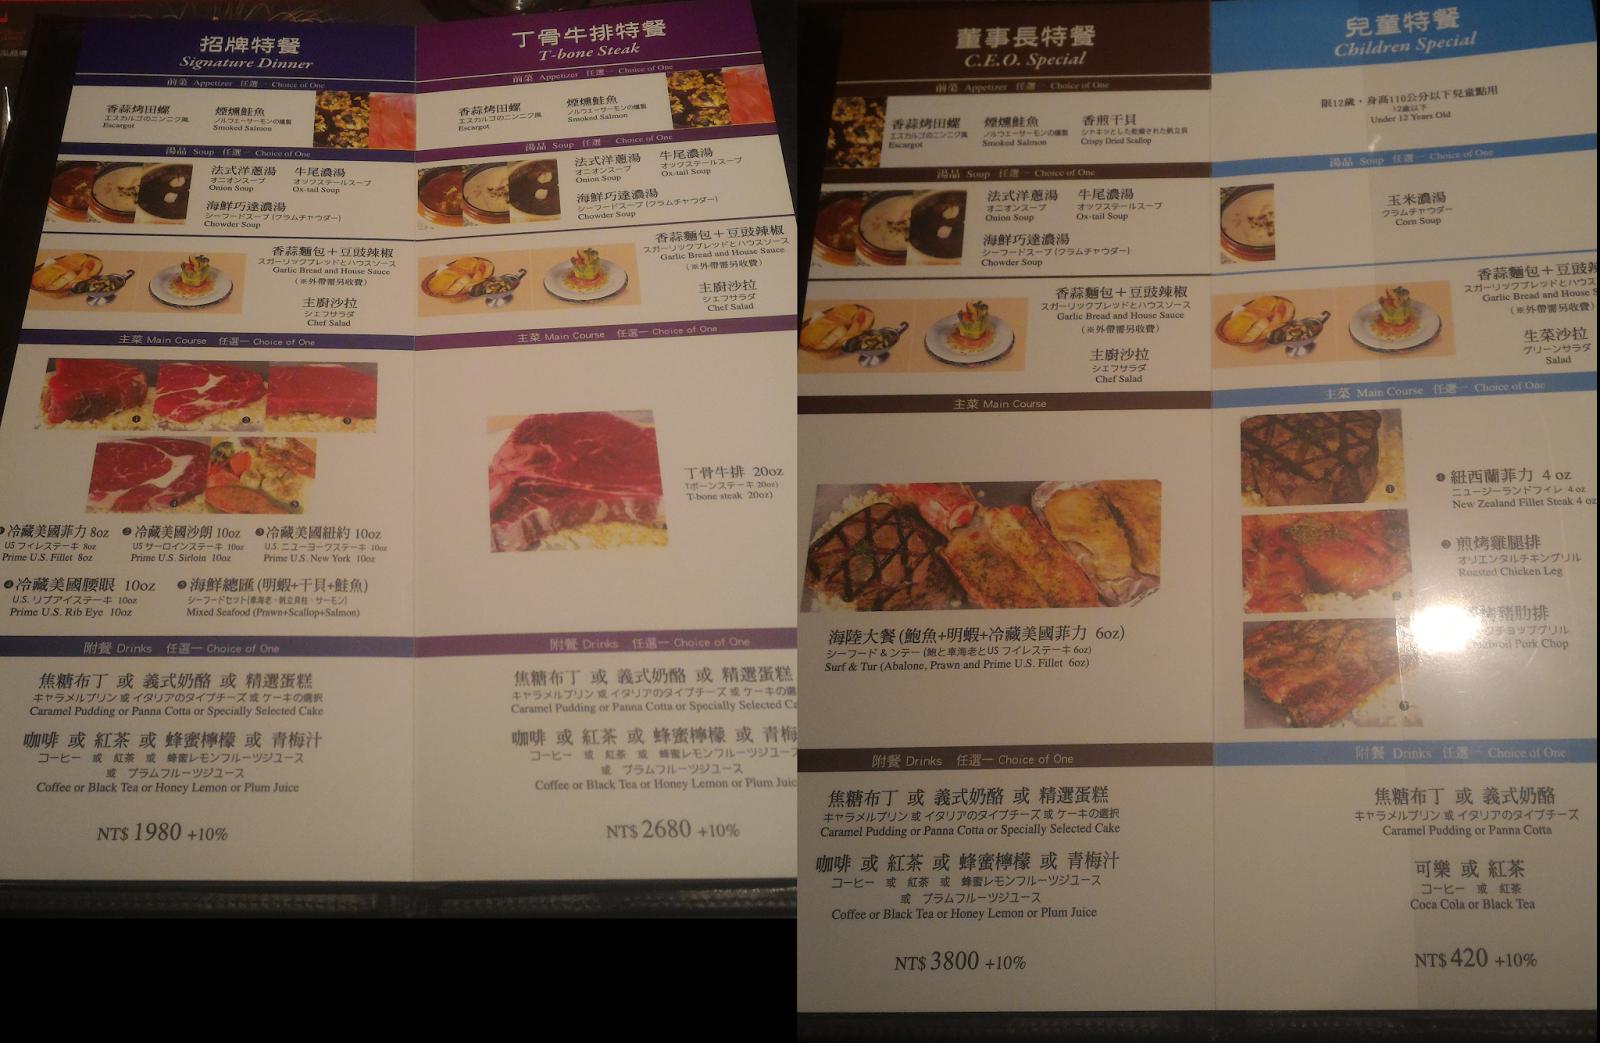 2 - 【高雄】新統一牛排館 - 台灣第一家,愛河旁精緻氣氛好的傳統牛排館